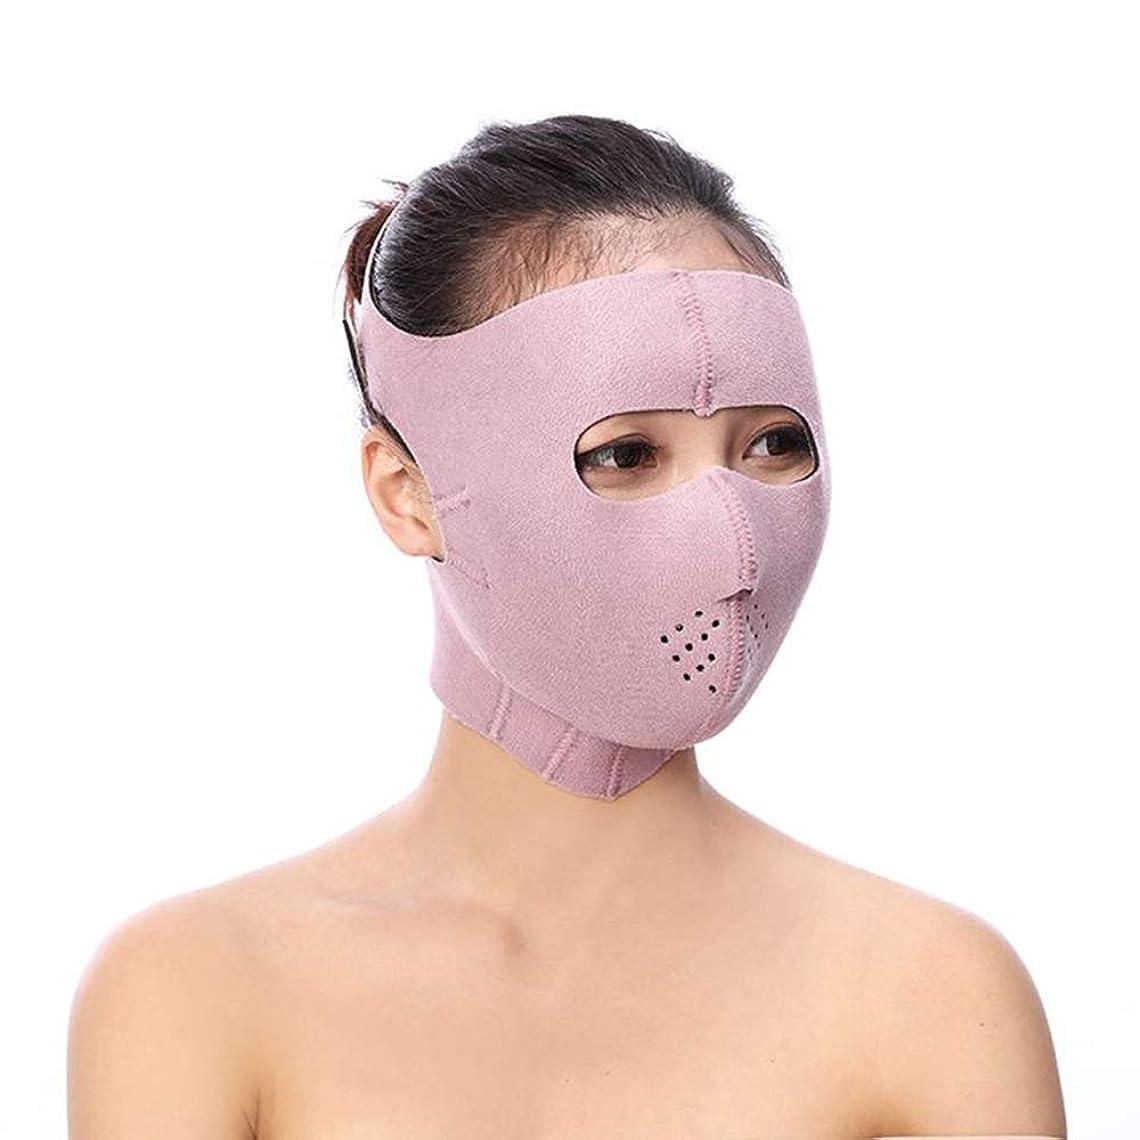 暗唱する拡散するウィンクMinmin フェイシャルリフティング痩身ベルト - Vフェイス包帯マスクフェイシャルマッサージャー無料の薄いフェイス包帯整形マスクを引き締める顔と首の顔スリム みんみんVラインフェイスマスク